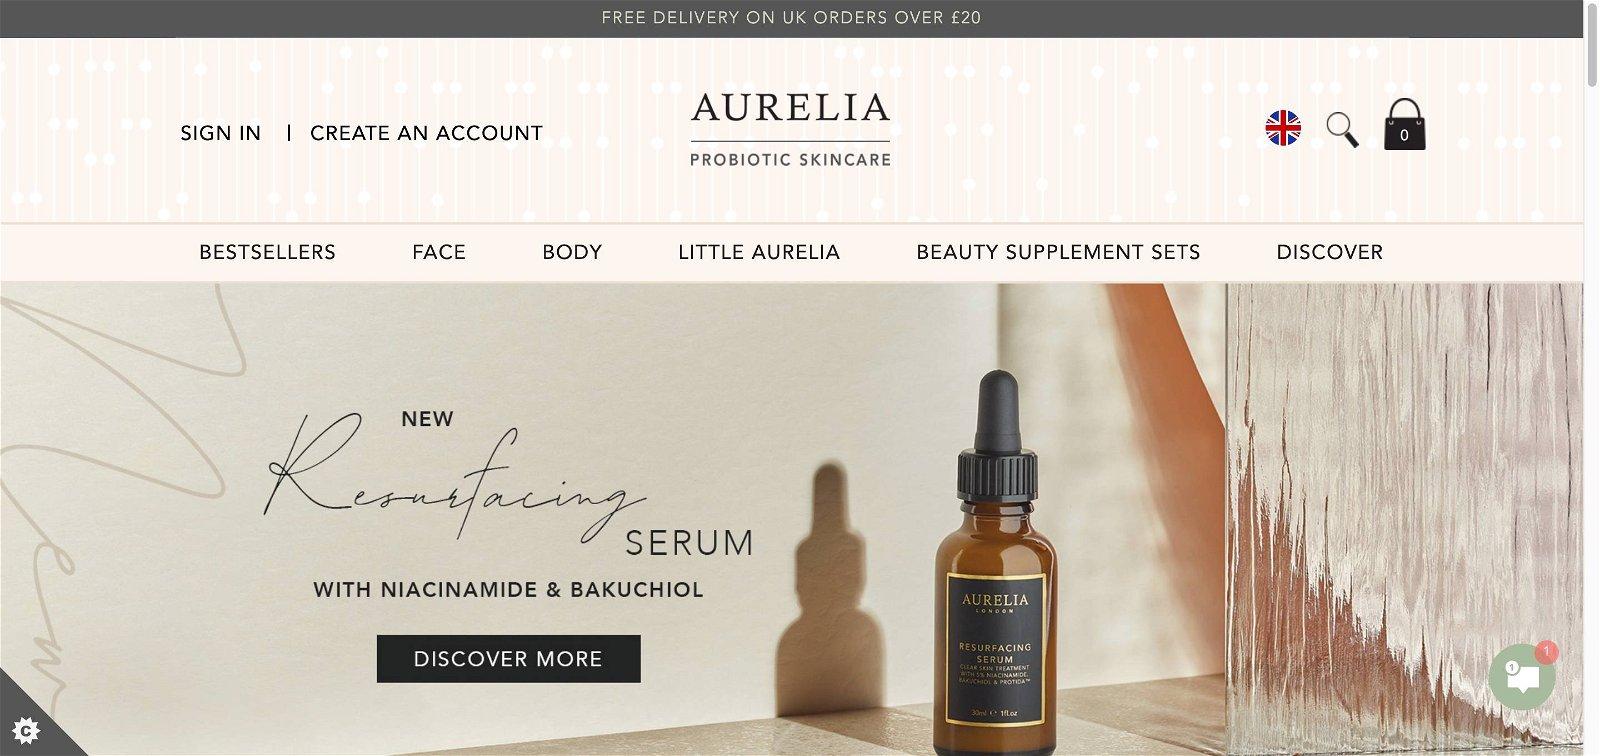 Aurelia skincare.com 1